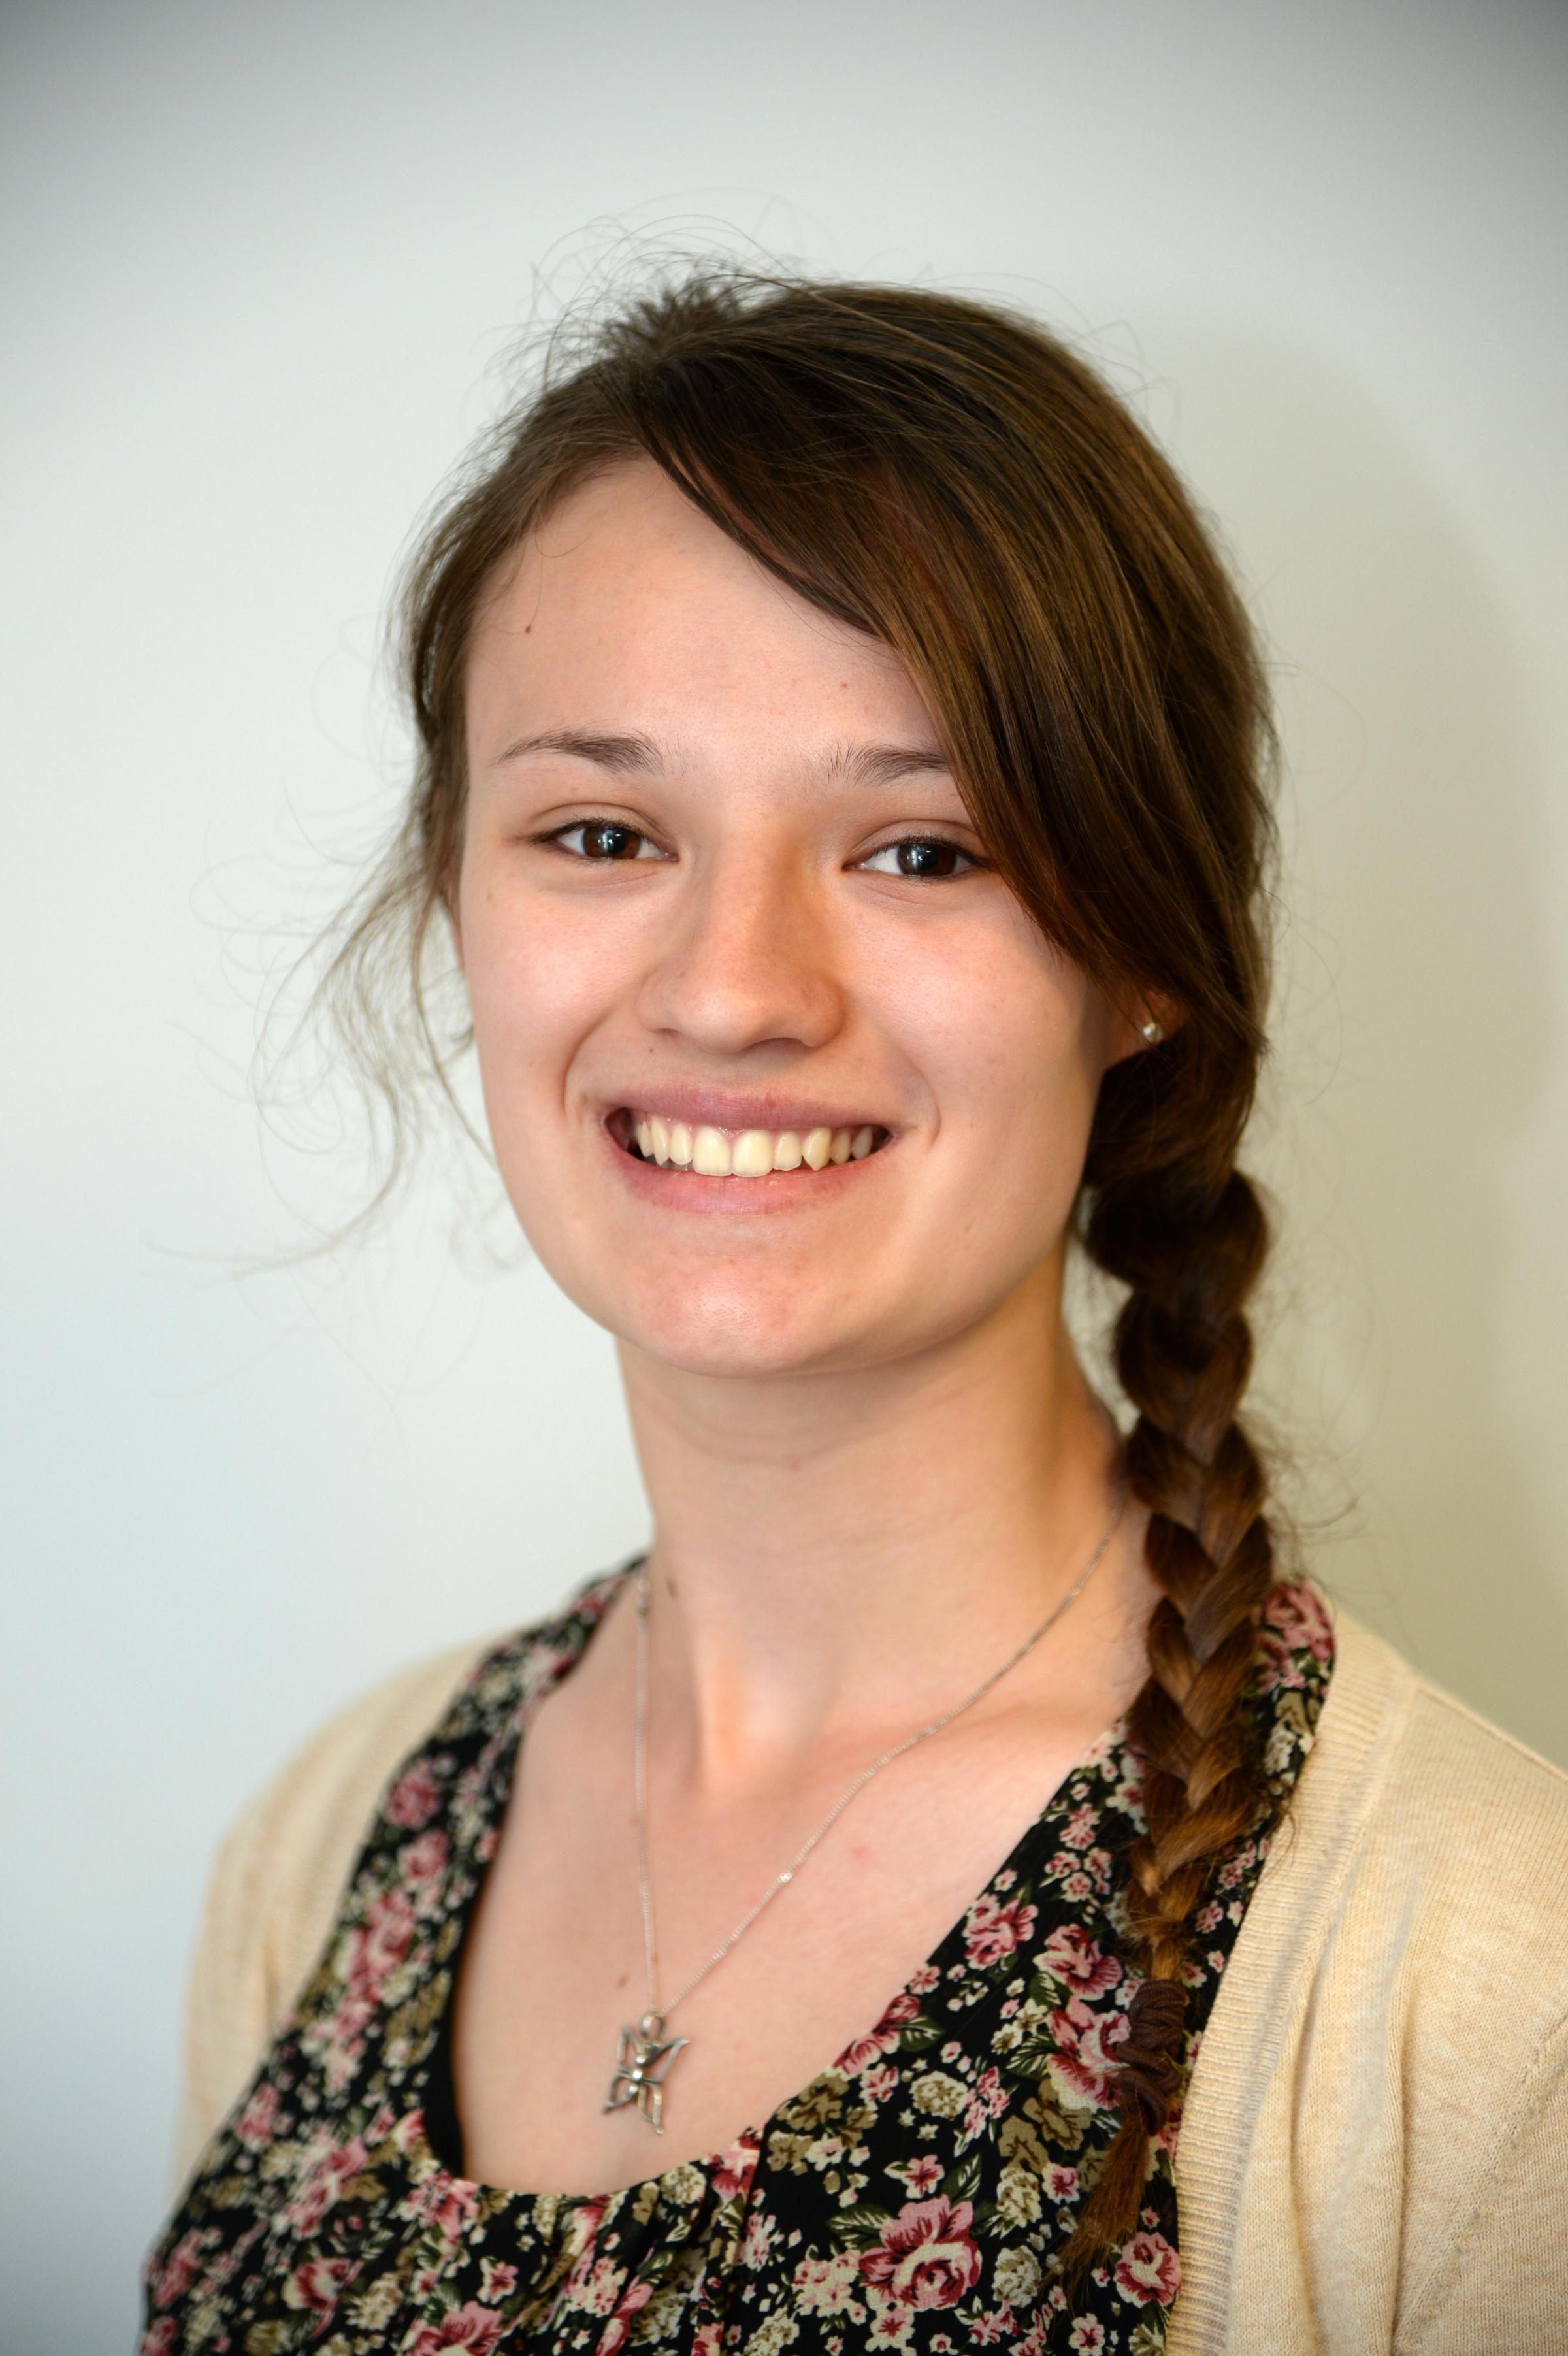 Emily Hayward. Picture:JOHN GURD JG16399 (28034264) - 4175042